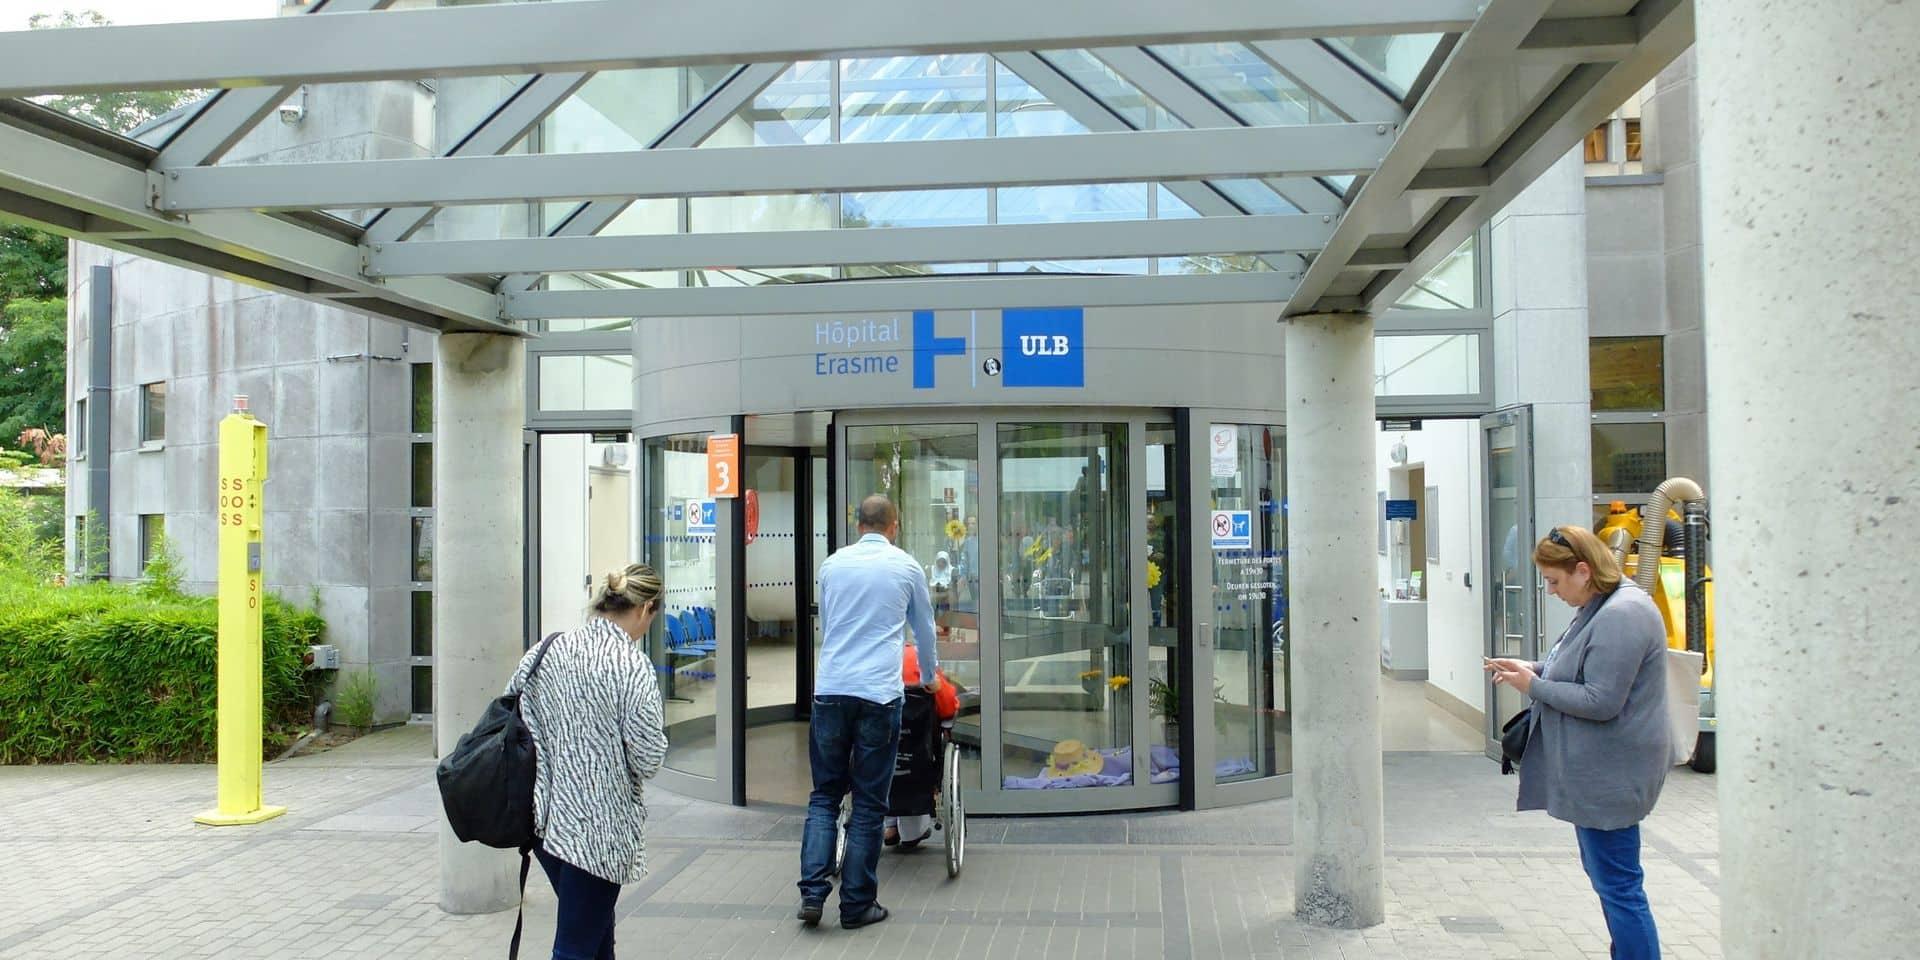 I'm not a hero, documentaire tourné à l'hôpital Erasme, sélectionné à Londres et Vancouver